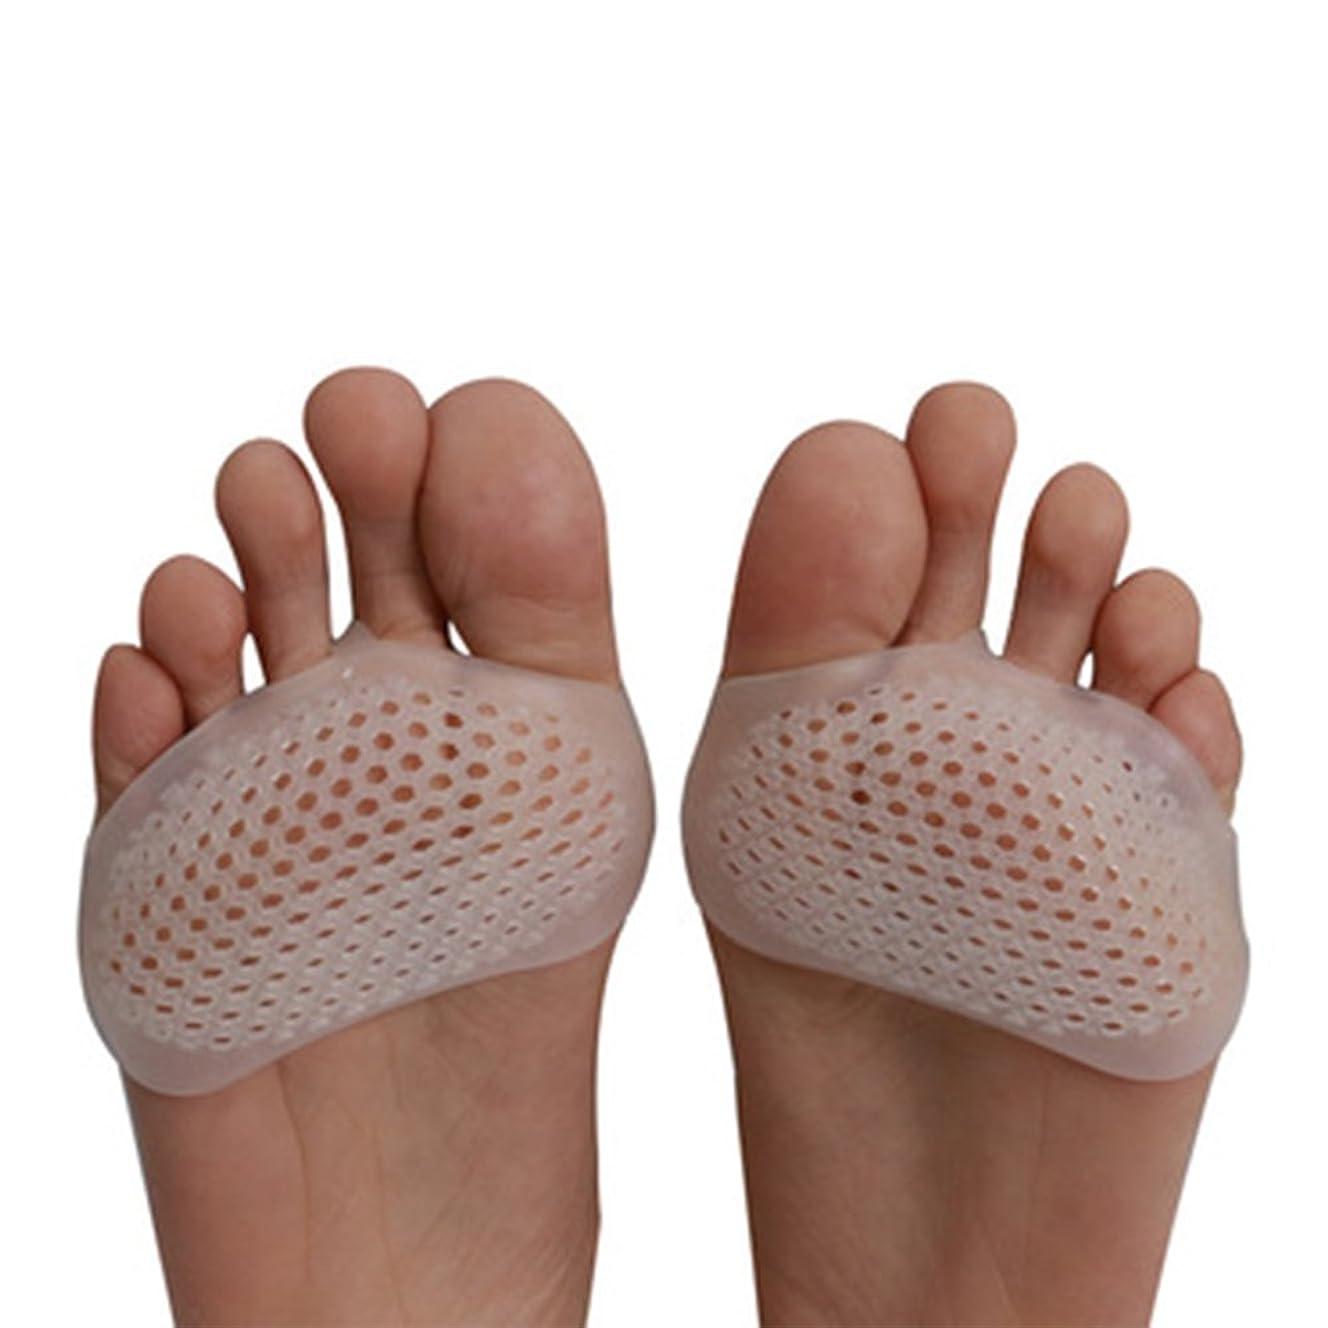 ビルマ疼痛ワインLittleliving 足裏保護パッド 衝撃吸収 種子骨保護サポーター モートン病に?足裏のマメ?魚の目?タコの痛みにジェルが効く 外反母趾サポーター 男女適用 左右1セット